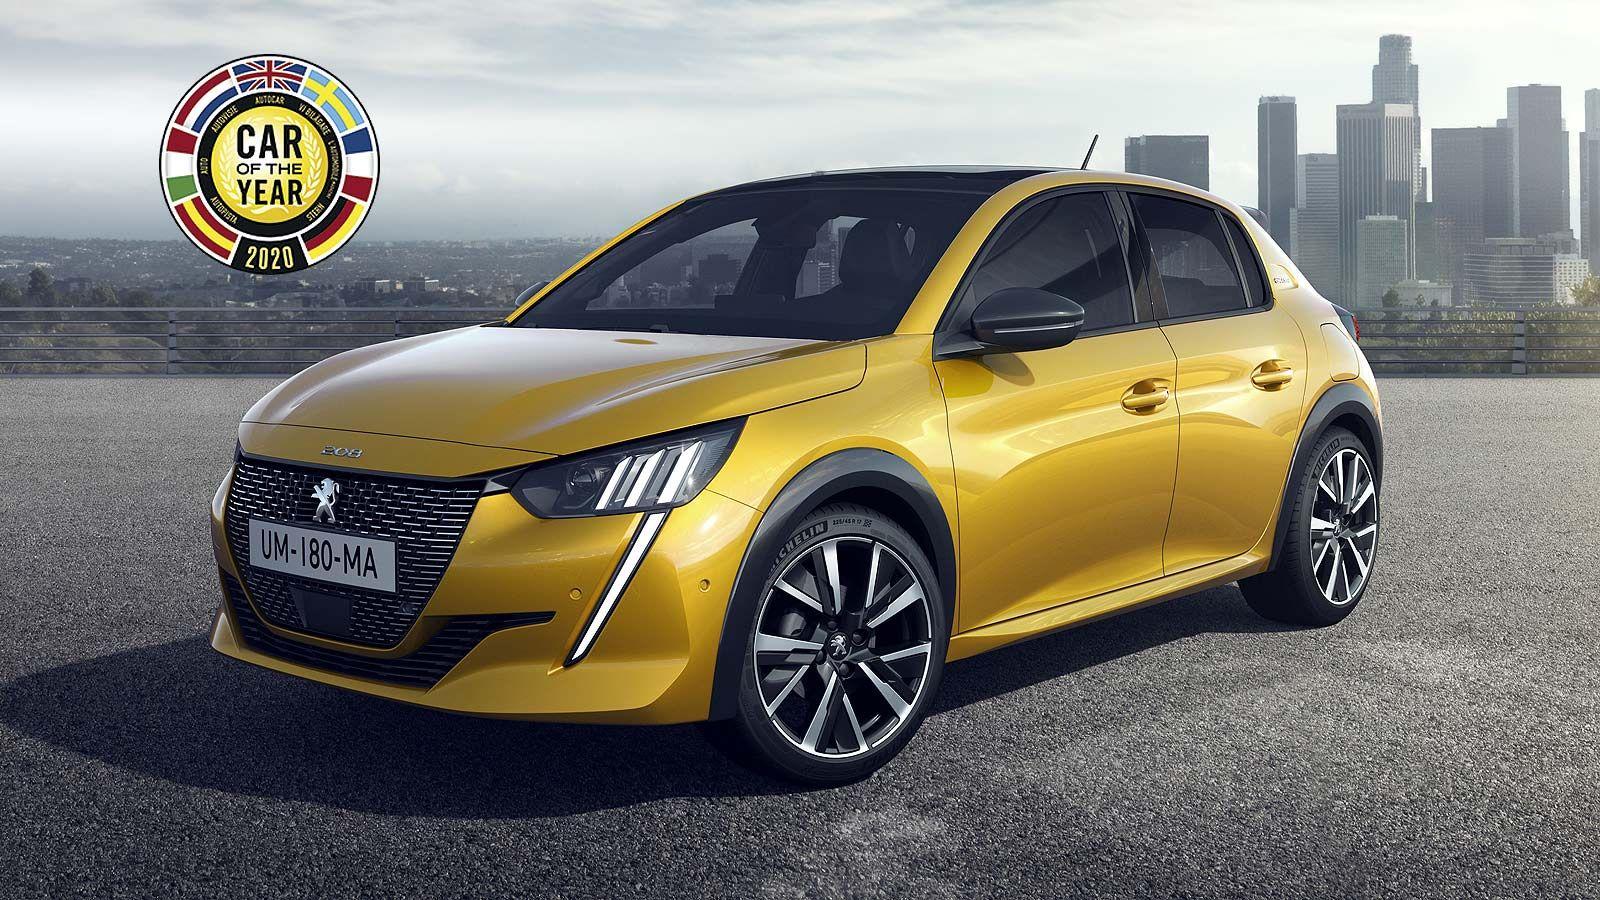 El Peugeot 208 ha ganado el prestigioso premio'Coche del Año en Europa 2020'.